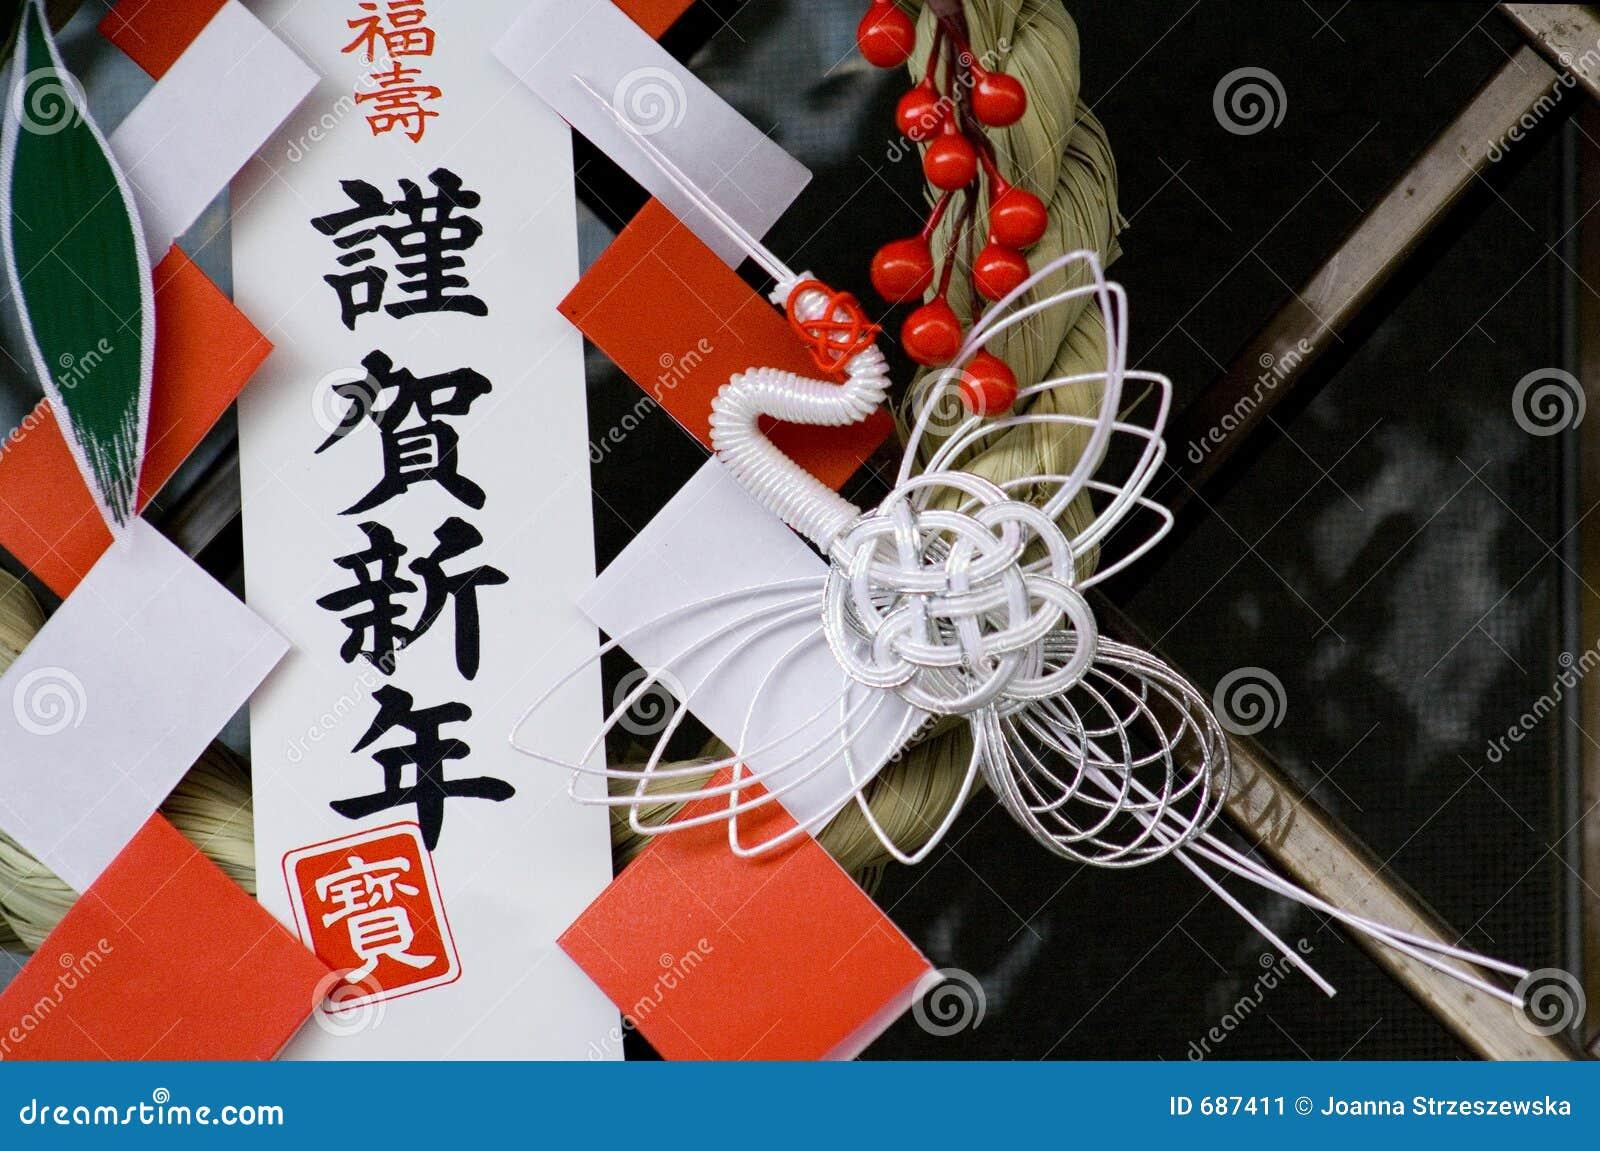 Japanse Decoratie Oudejaarsavond Stock Afbeelding Image Of Nieuw Jaar 687411